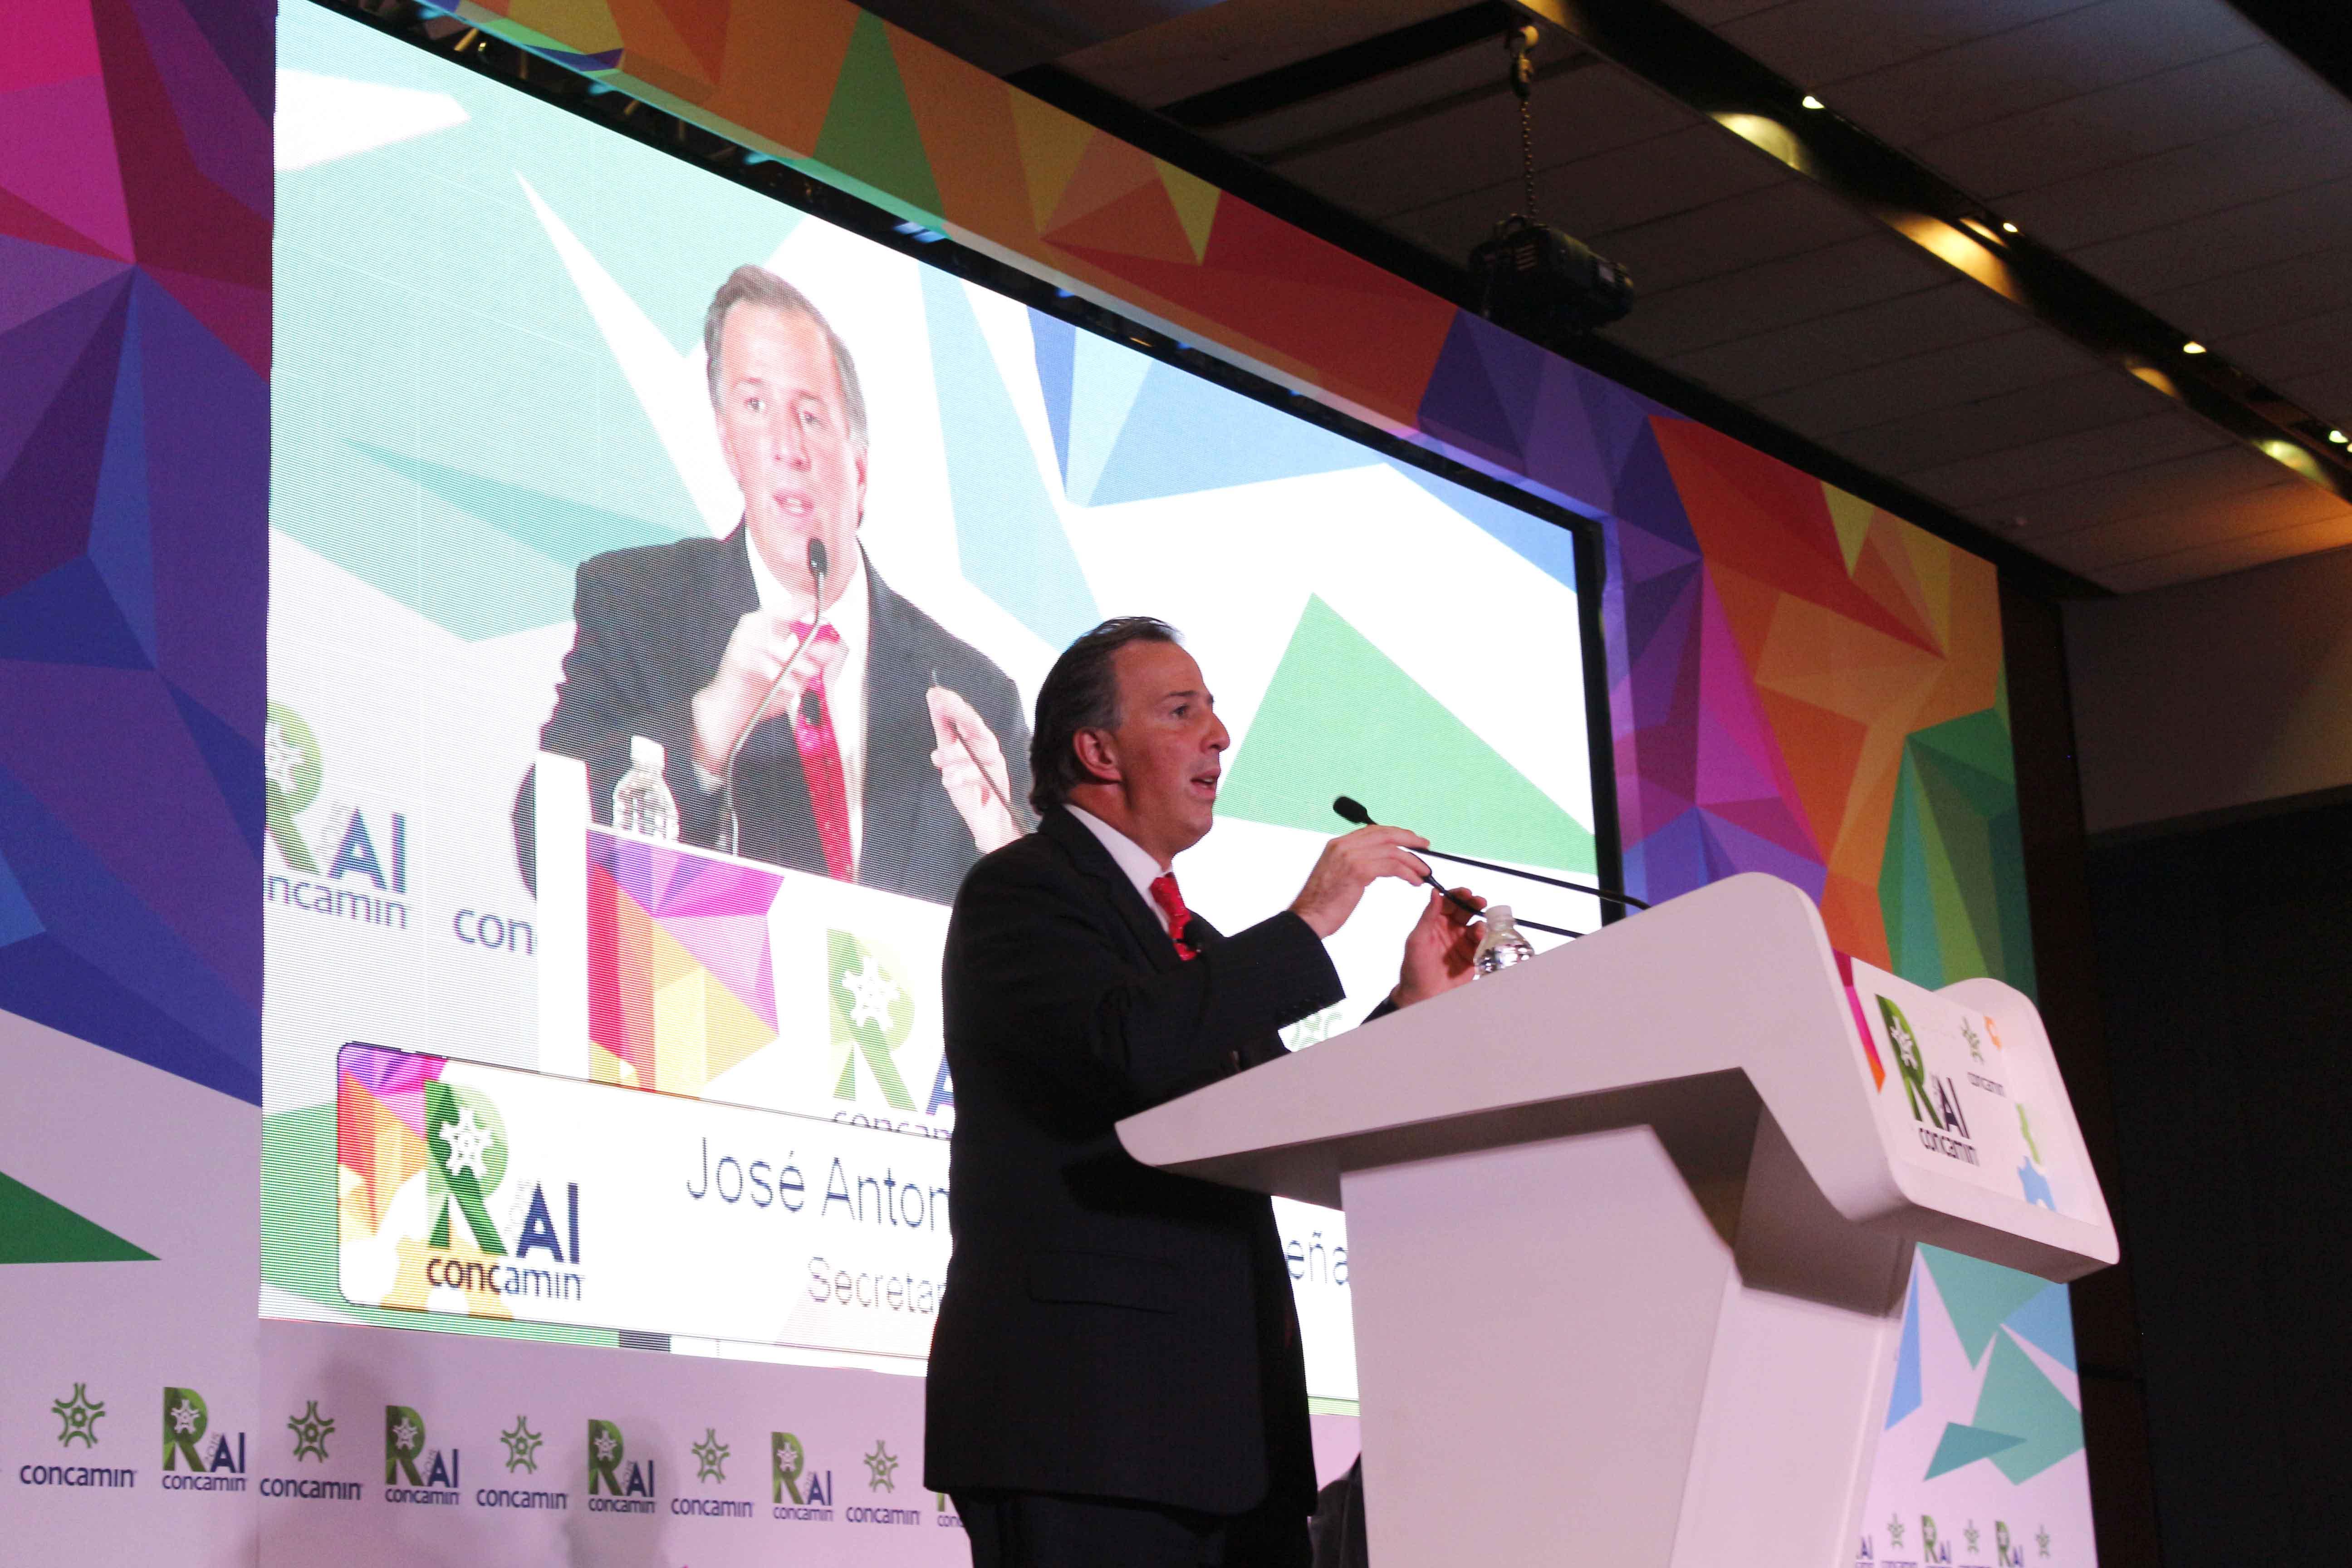 FOTO 1 Secretario Meade durante la Reuni n Anual de Industriales 2015 de la CONCAMIN.jpg